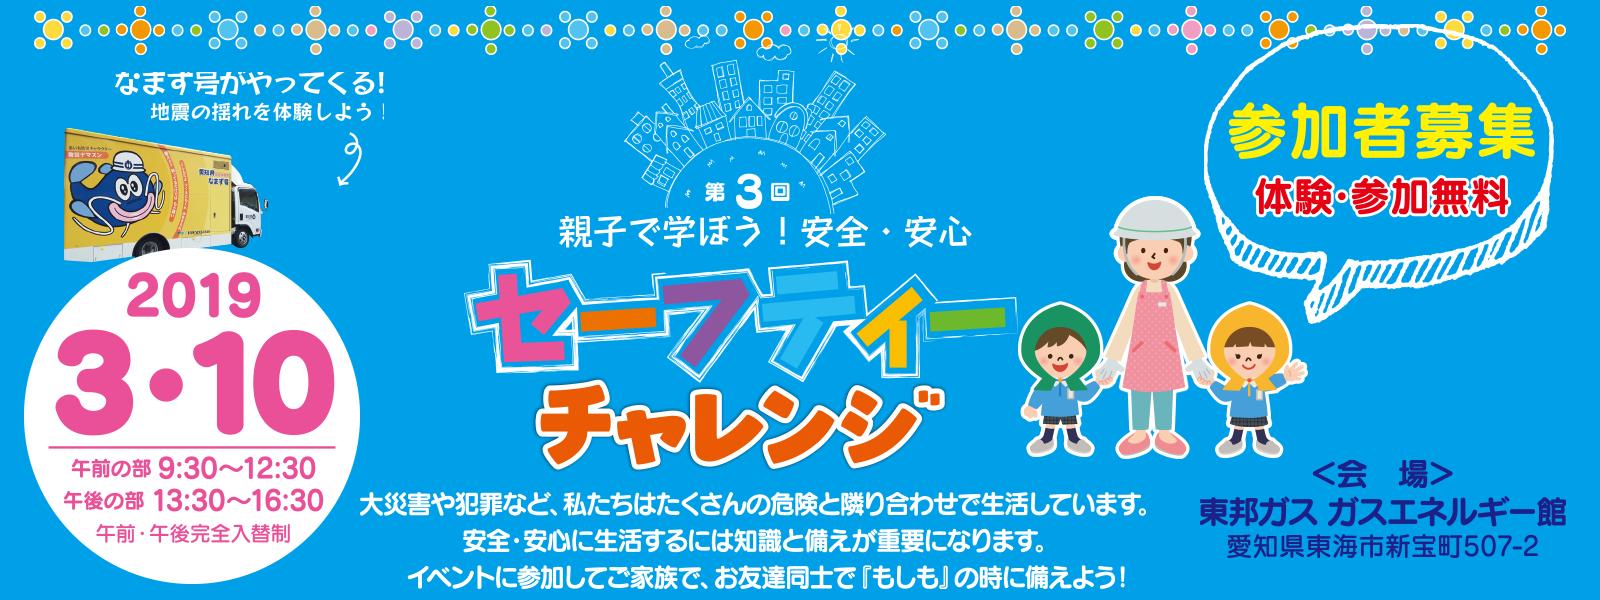 きらきら|セーフティーチャレンジ2019